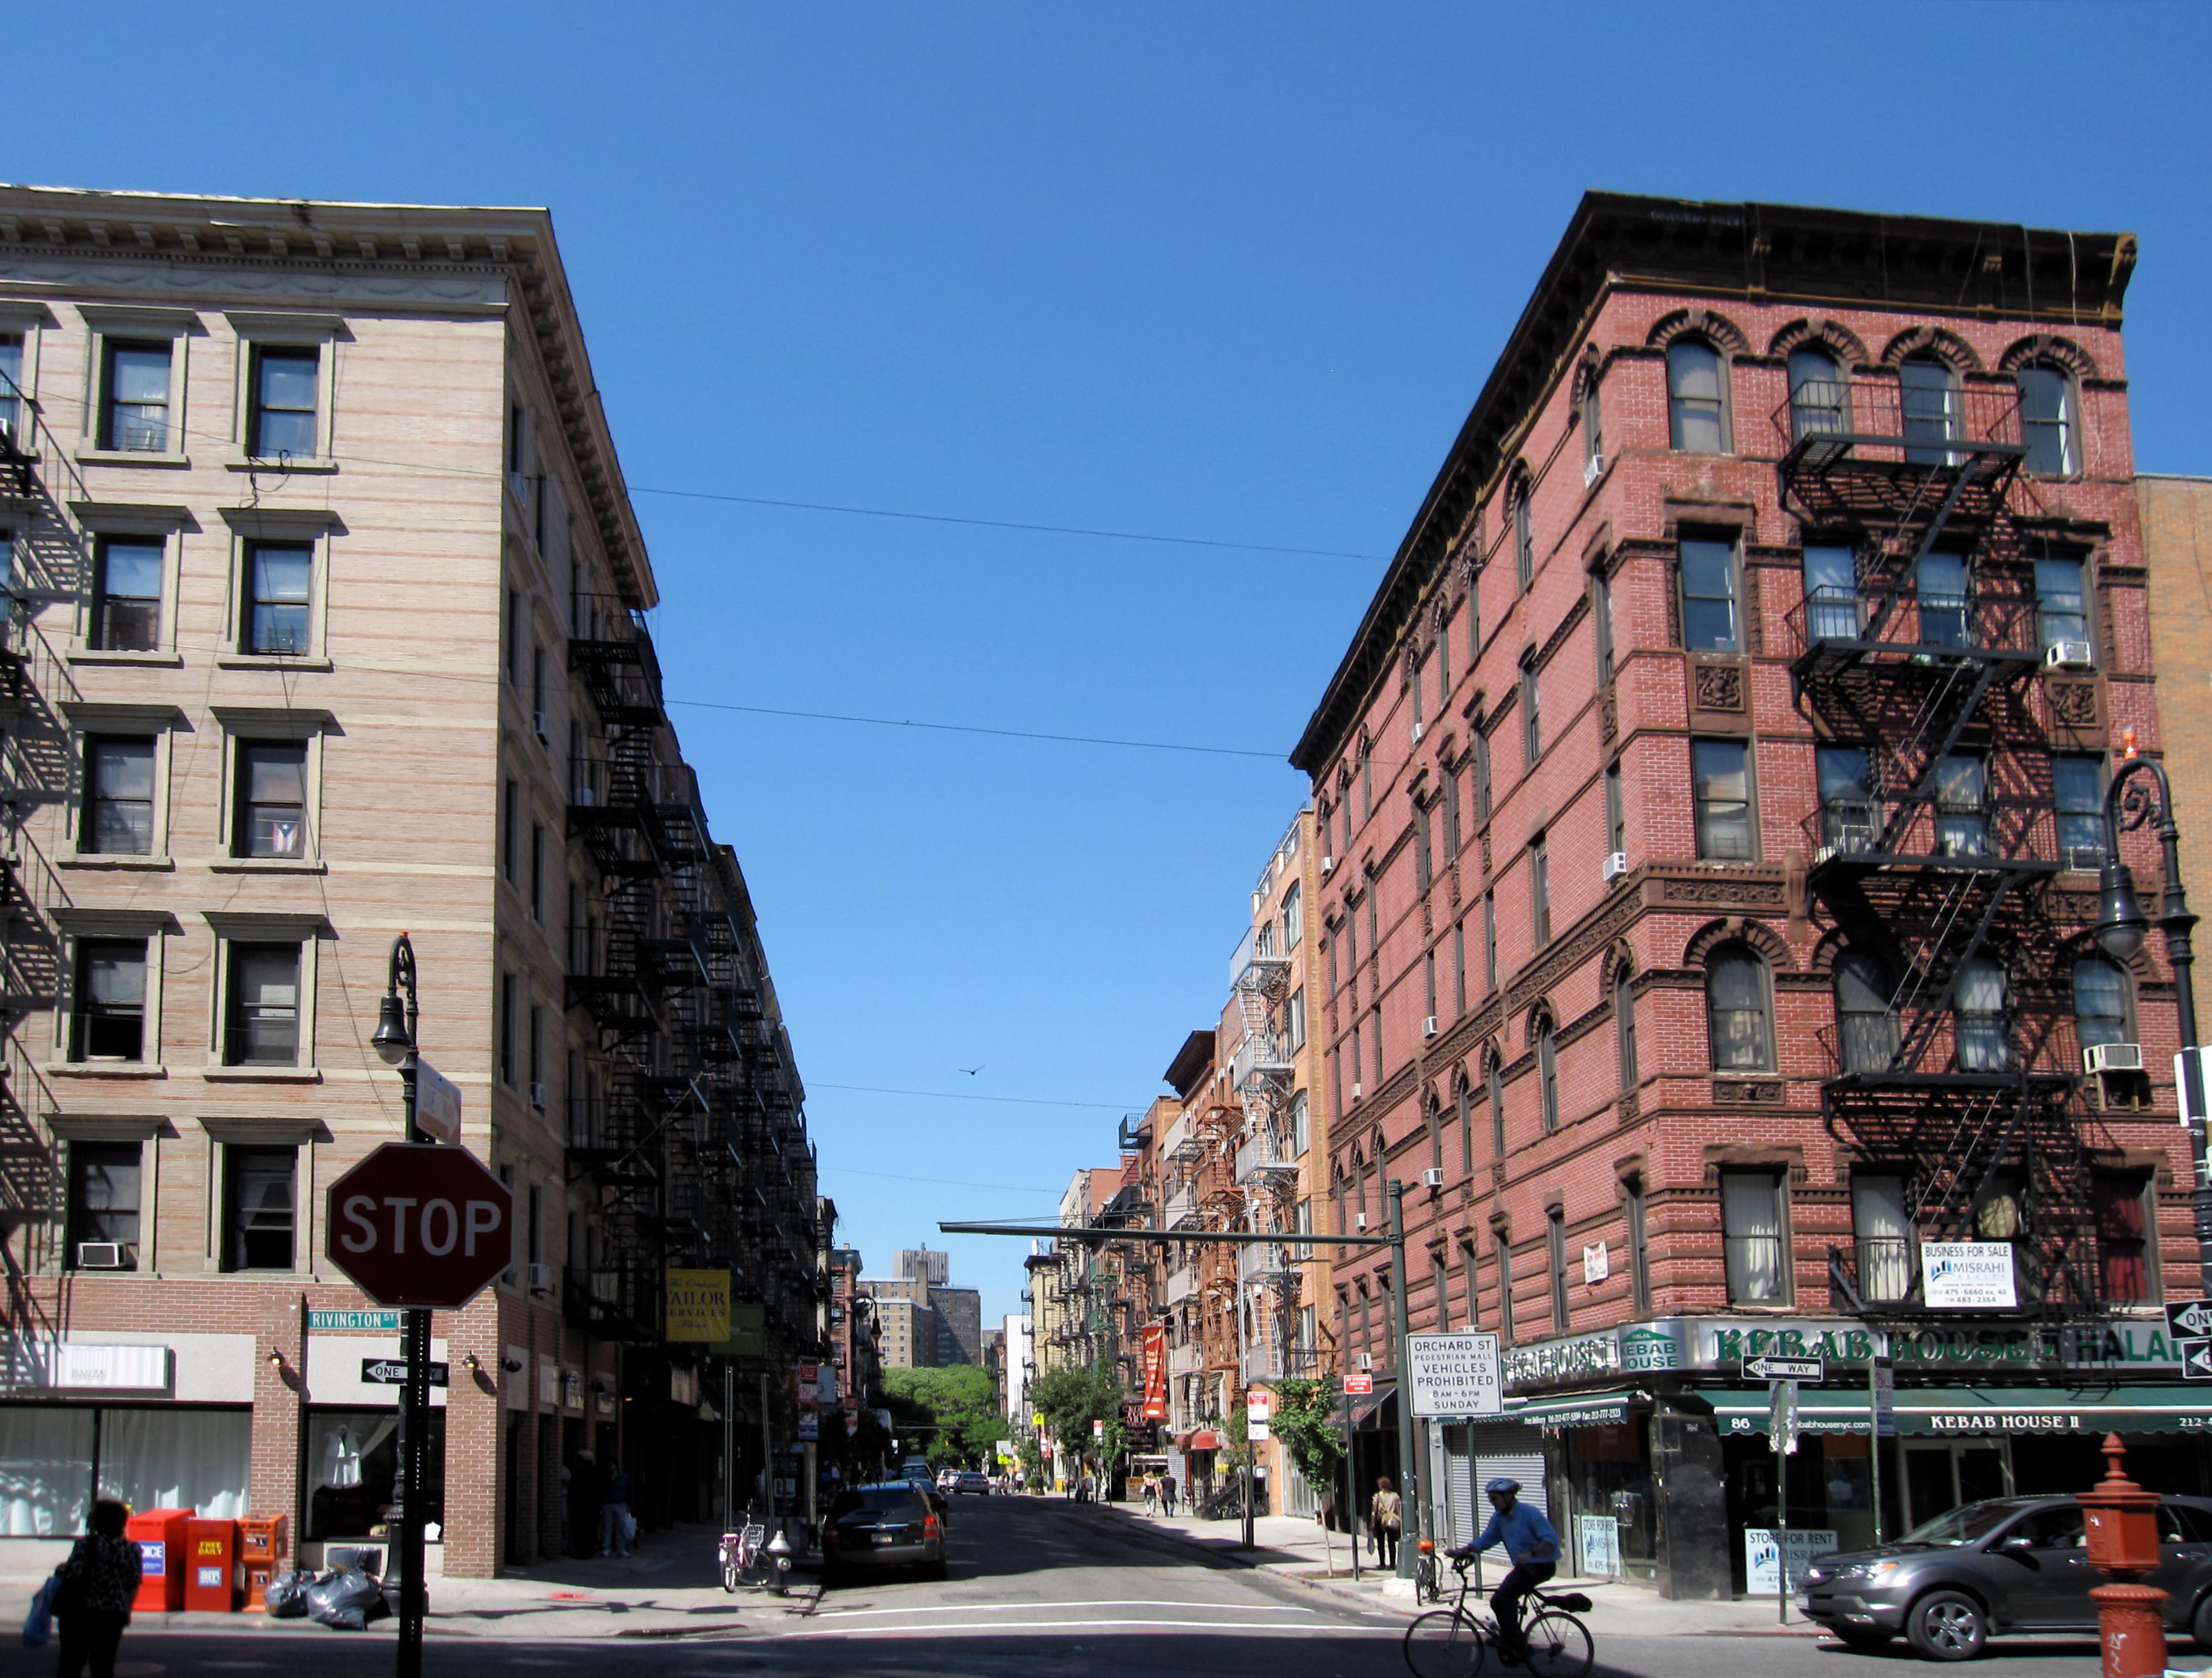 atracoes turisticas NYC EUA